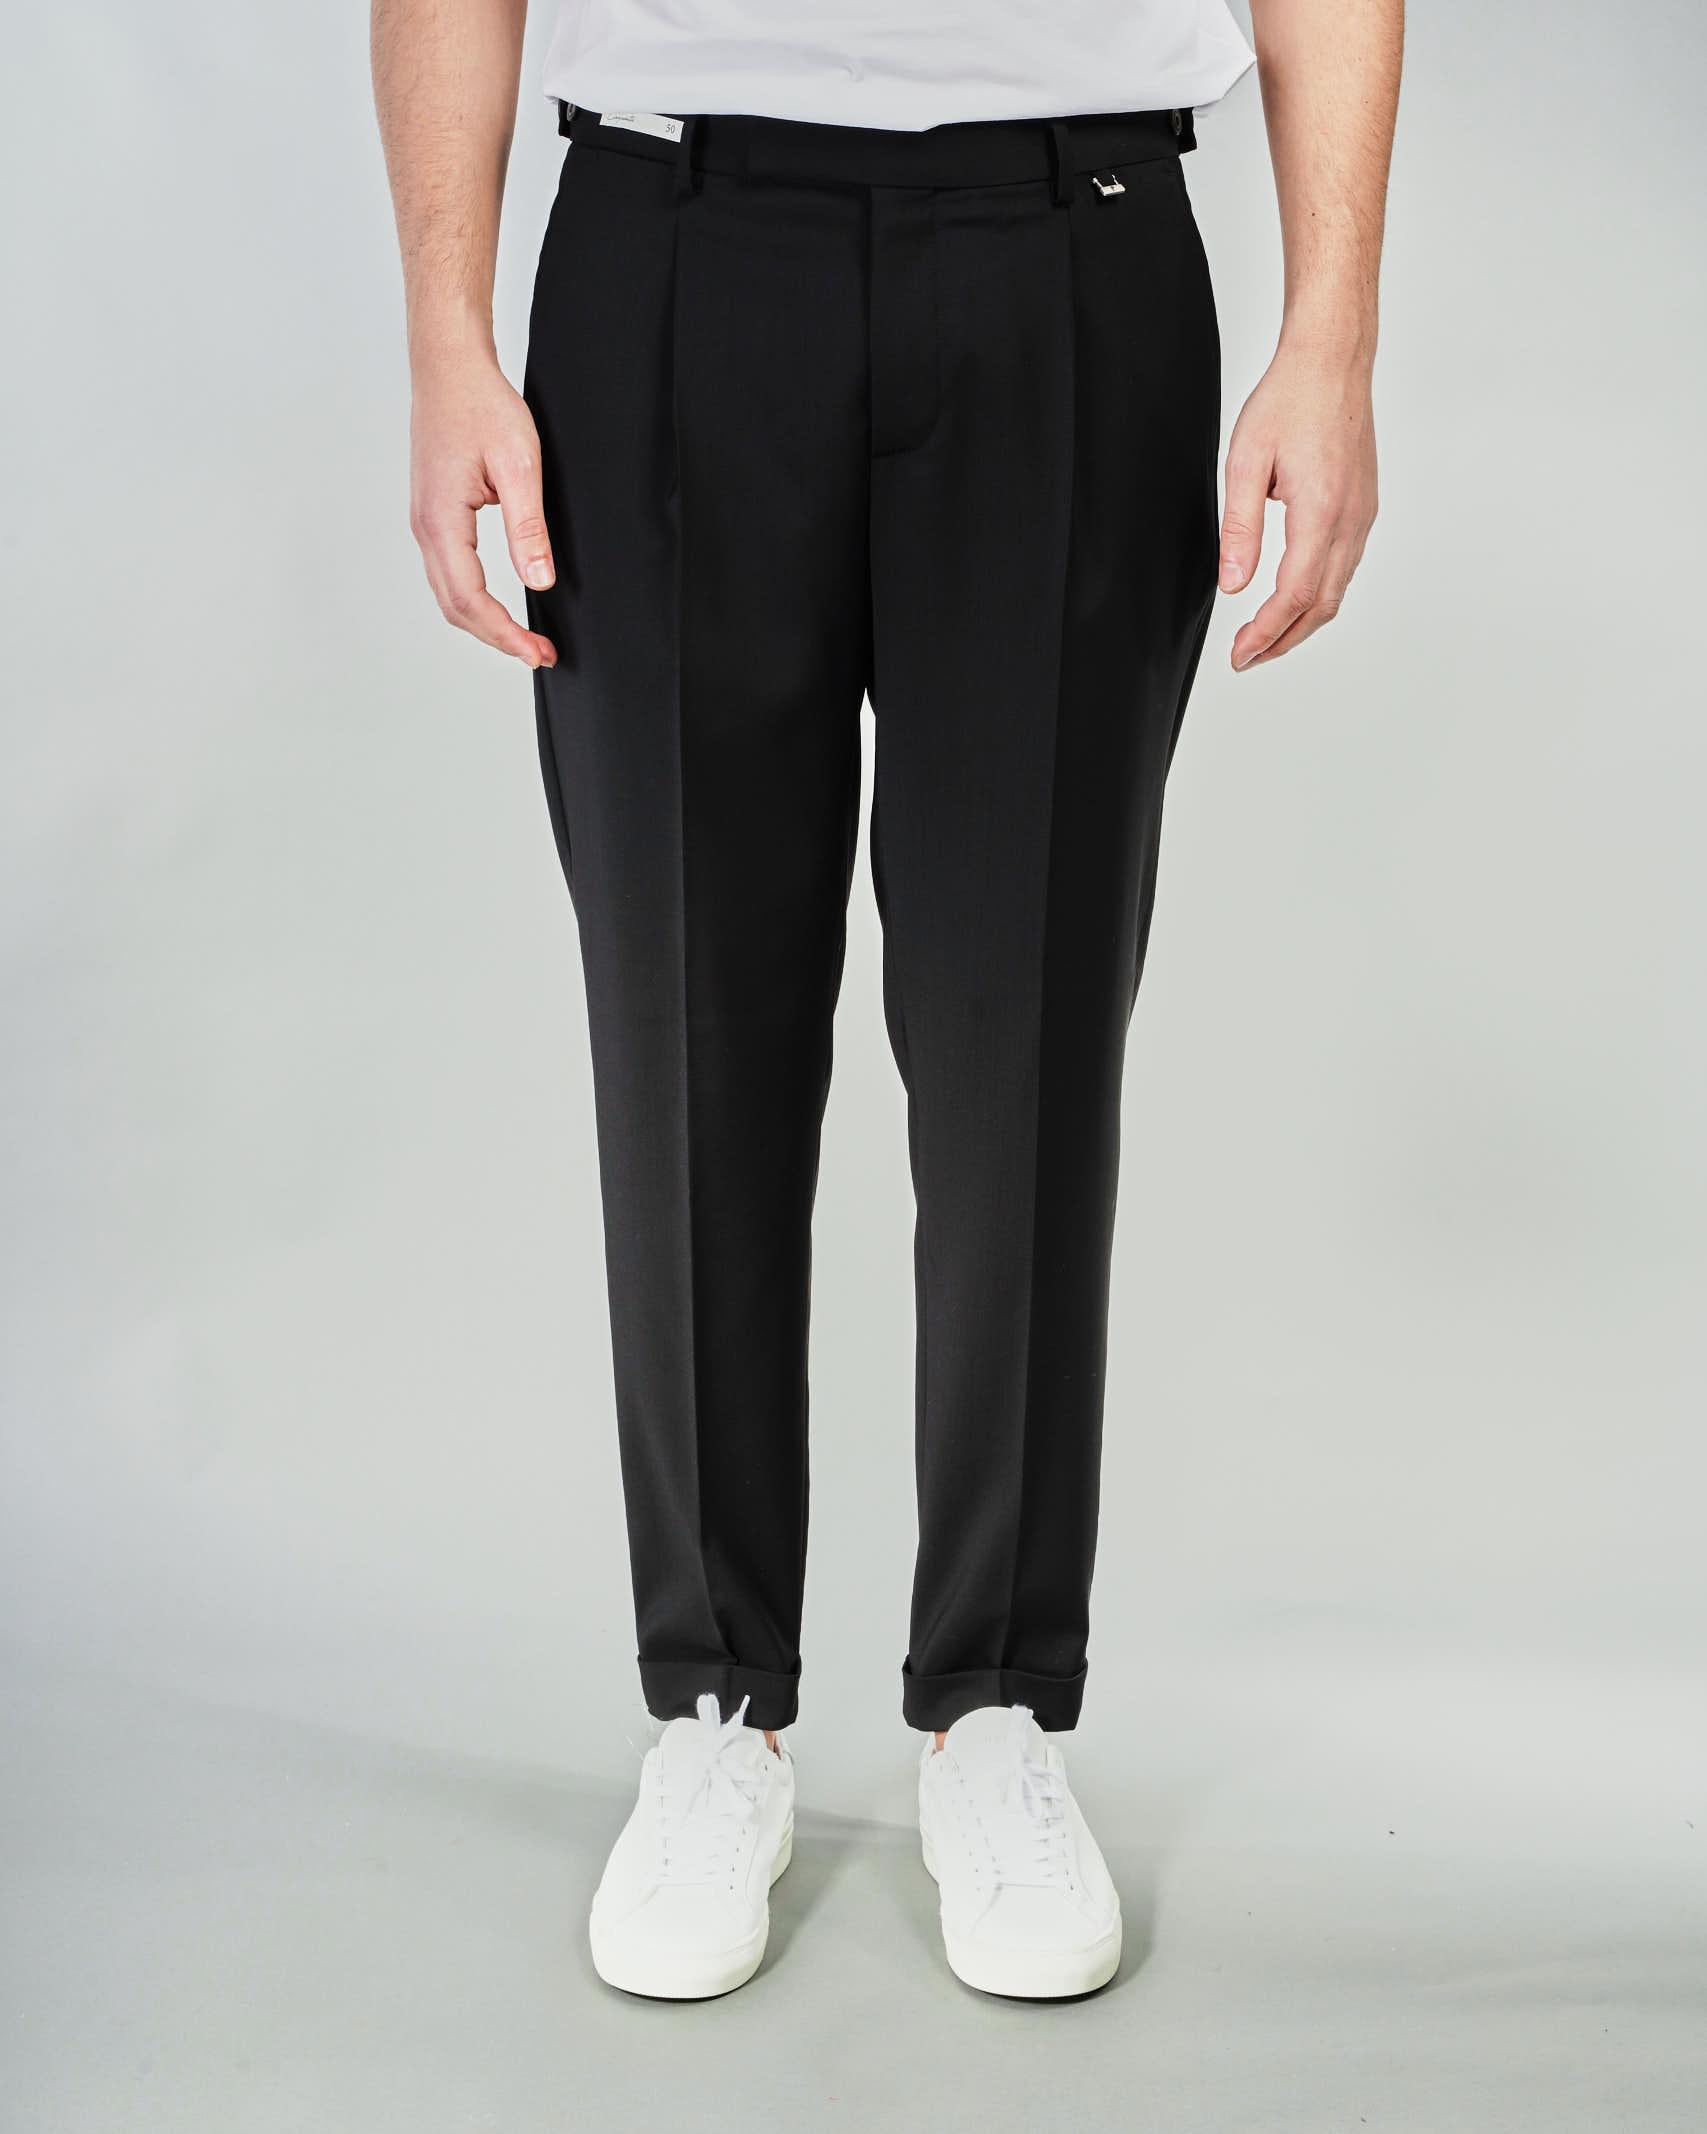 Pantalone con pences Paoloni PAOLONI   Pantalone   3012P11721000199